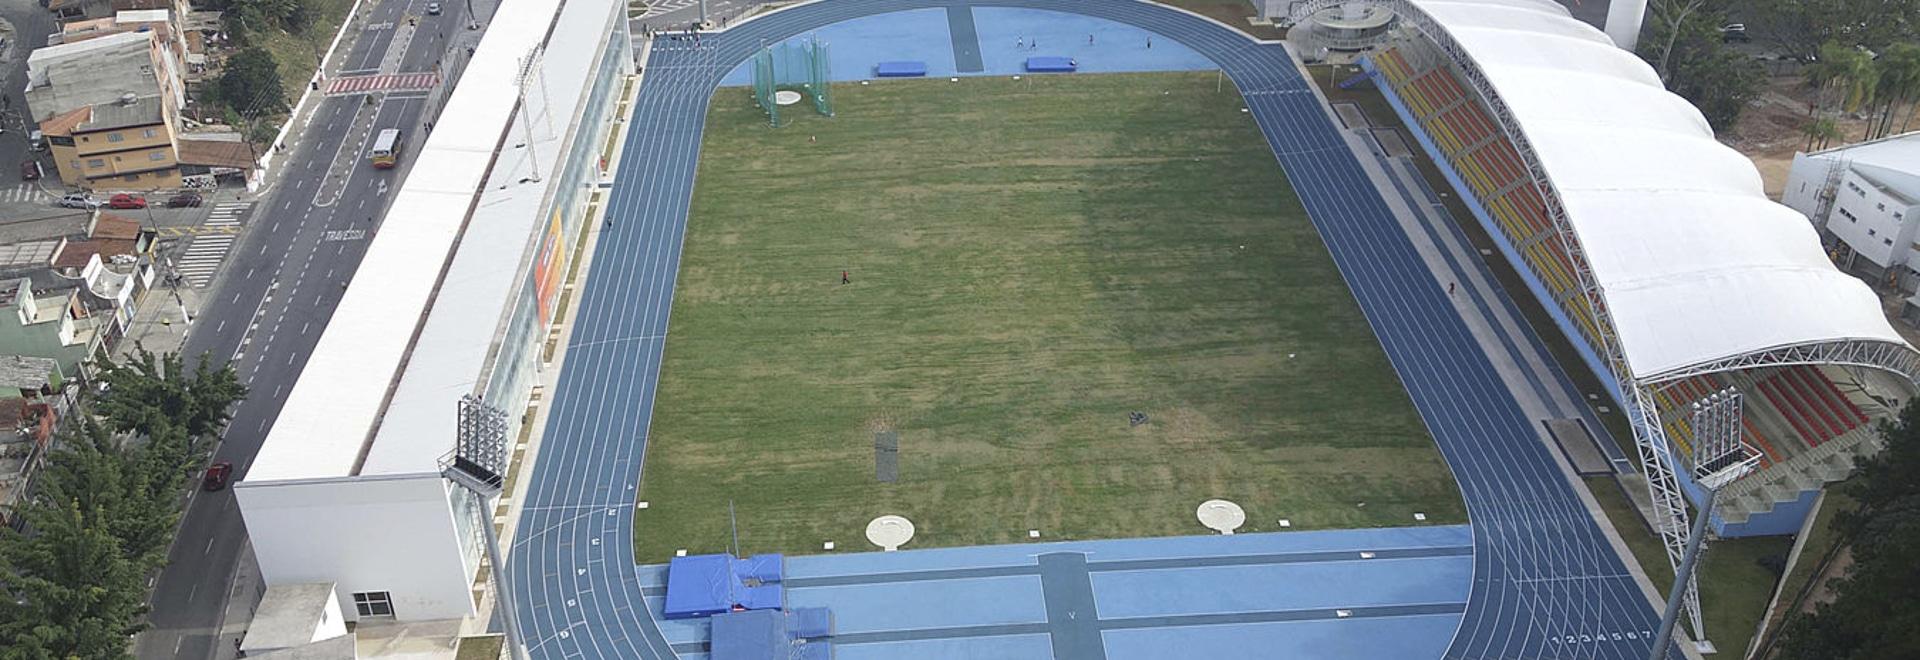 Los atletas superiores del Brasil están entrenando para las 2016 Olimpiadas en las pistas tartan de Regupol.